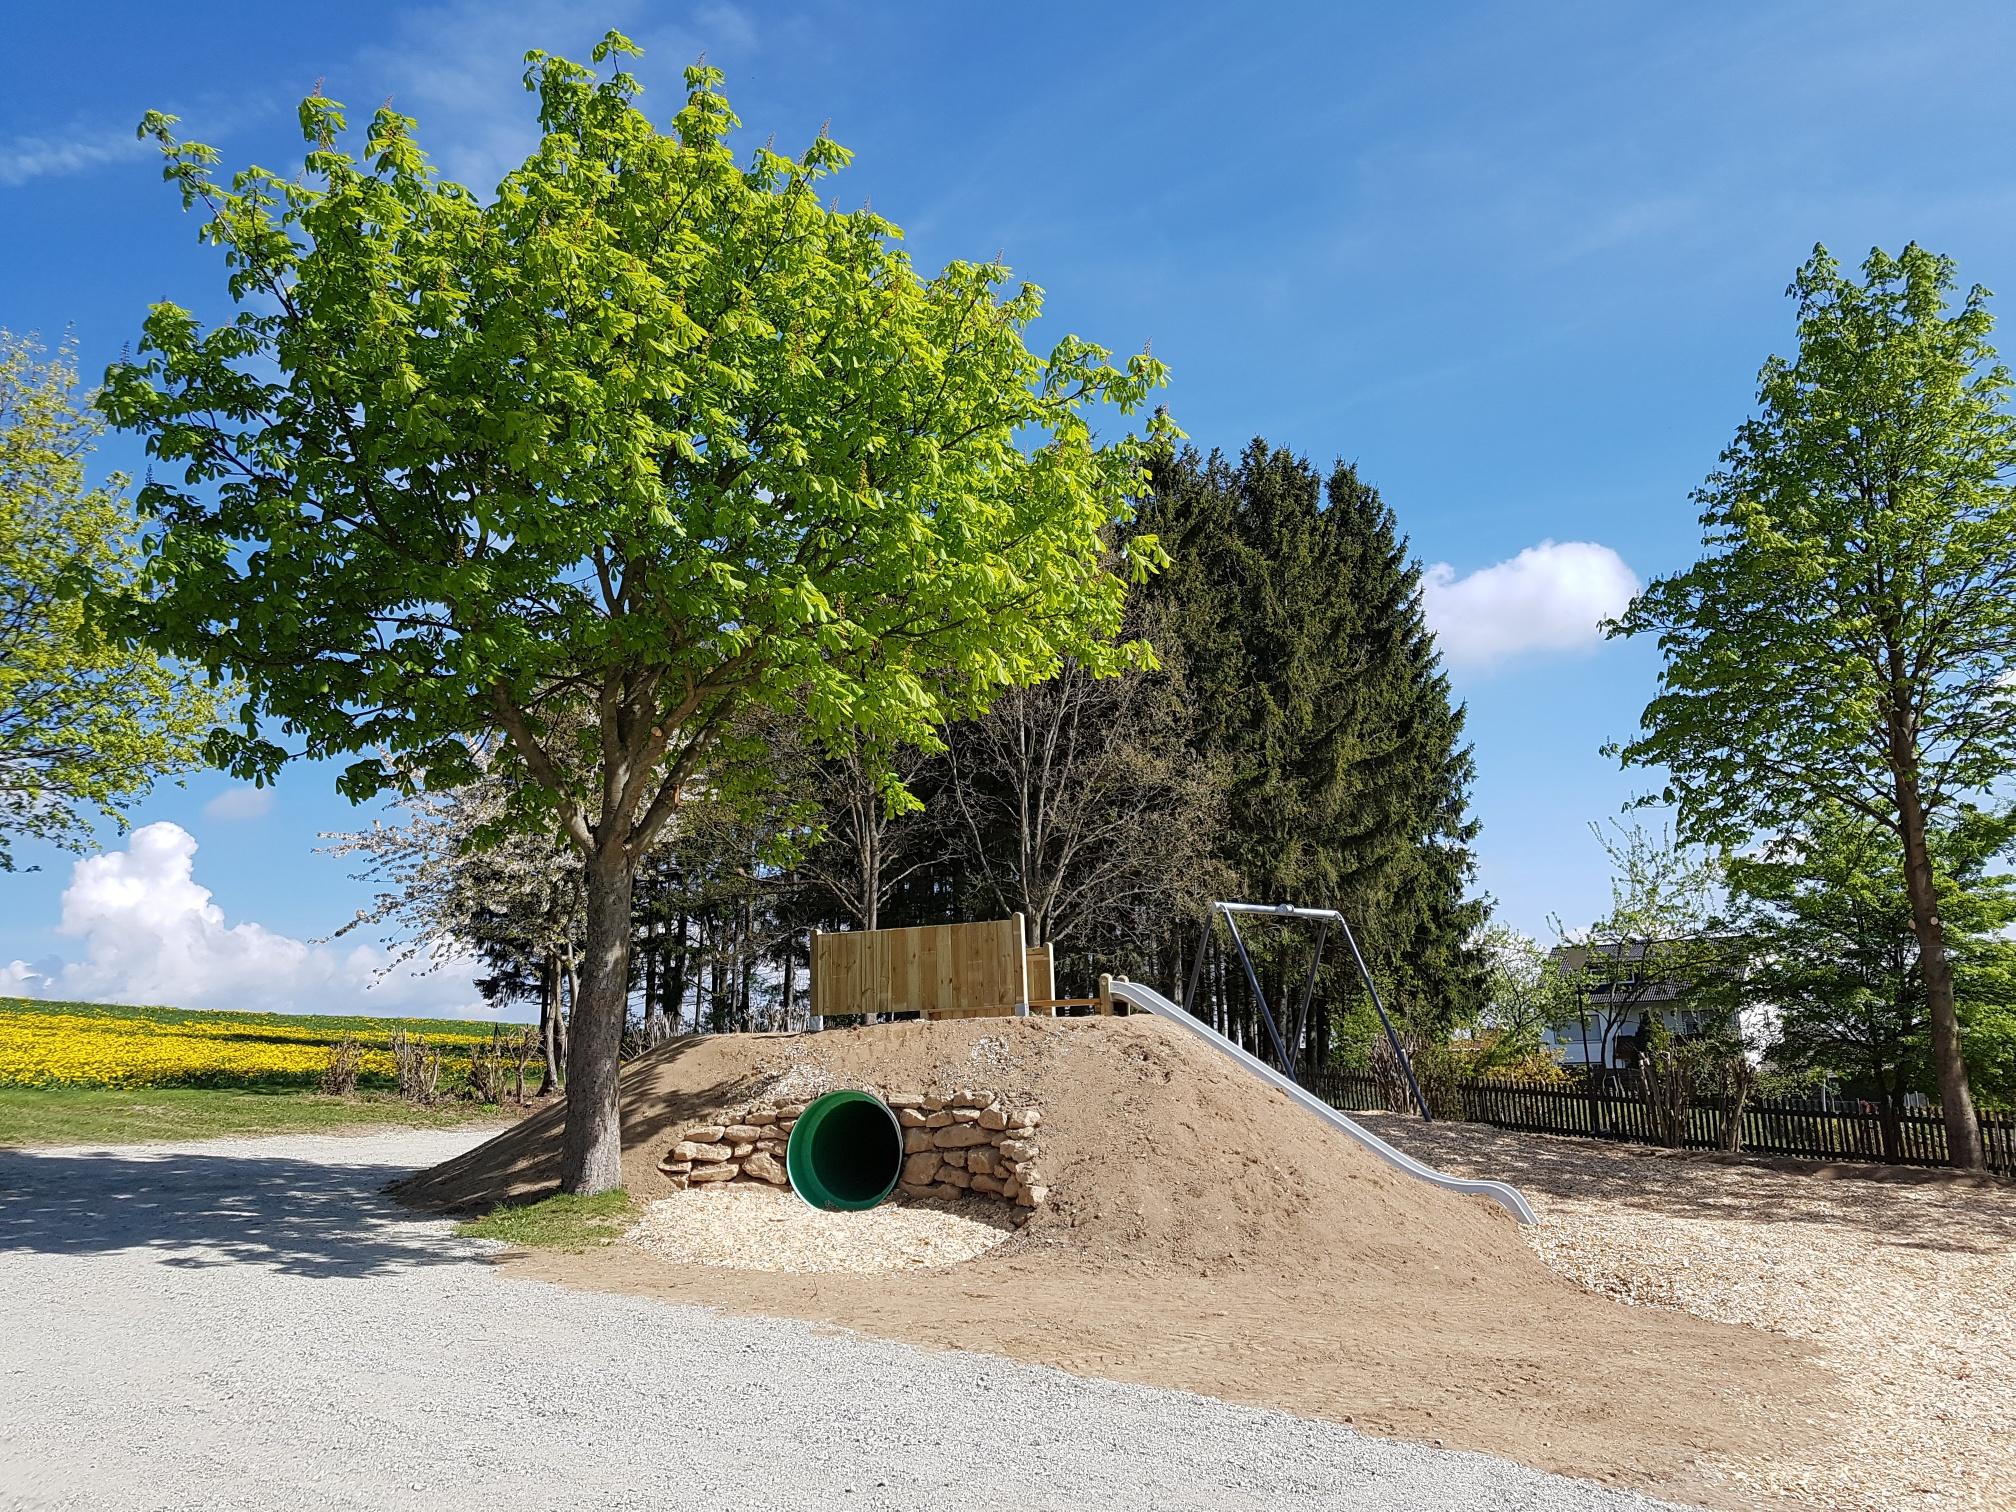 Spielplatz am Hohen Stein mit Seilbahn